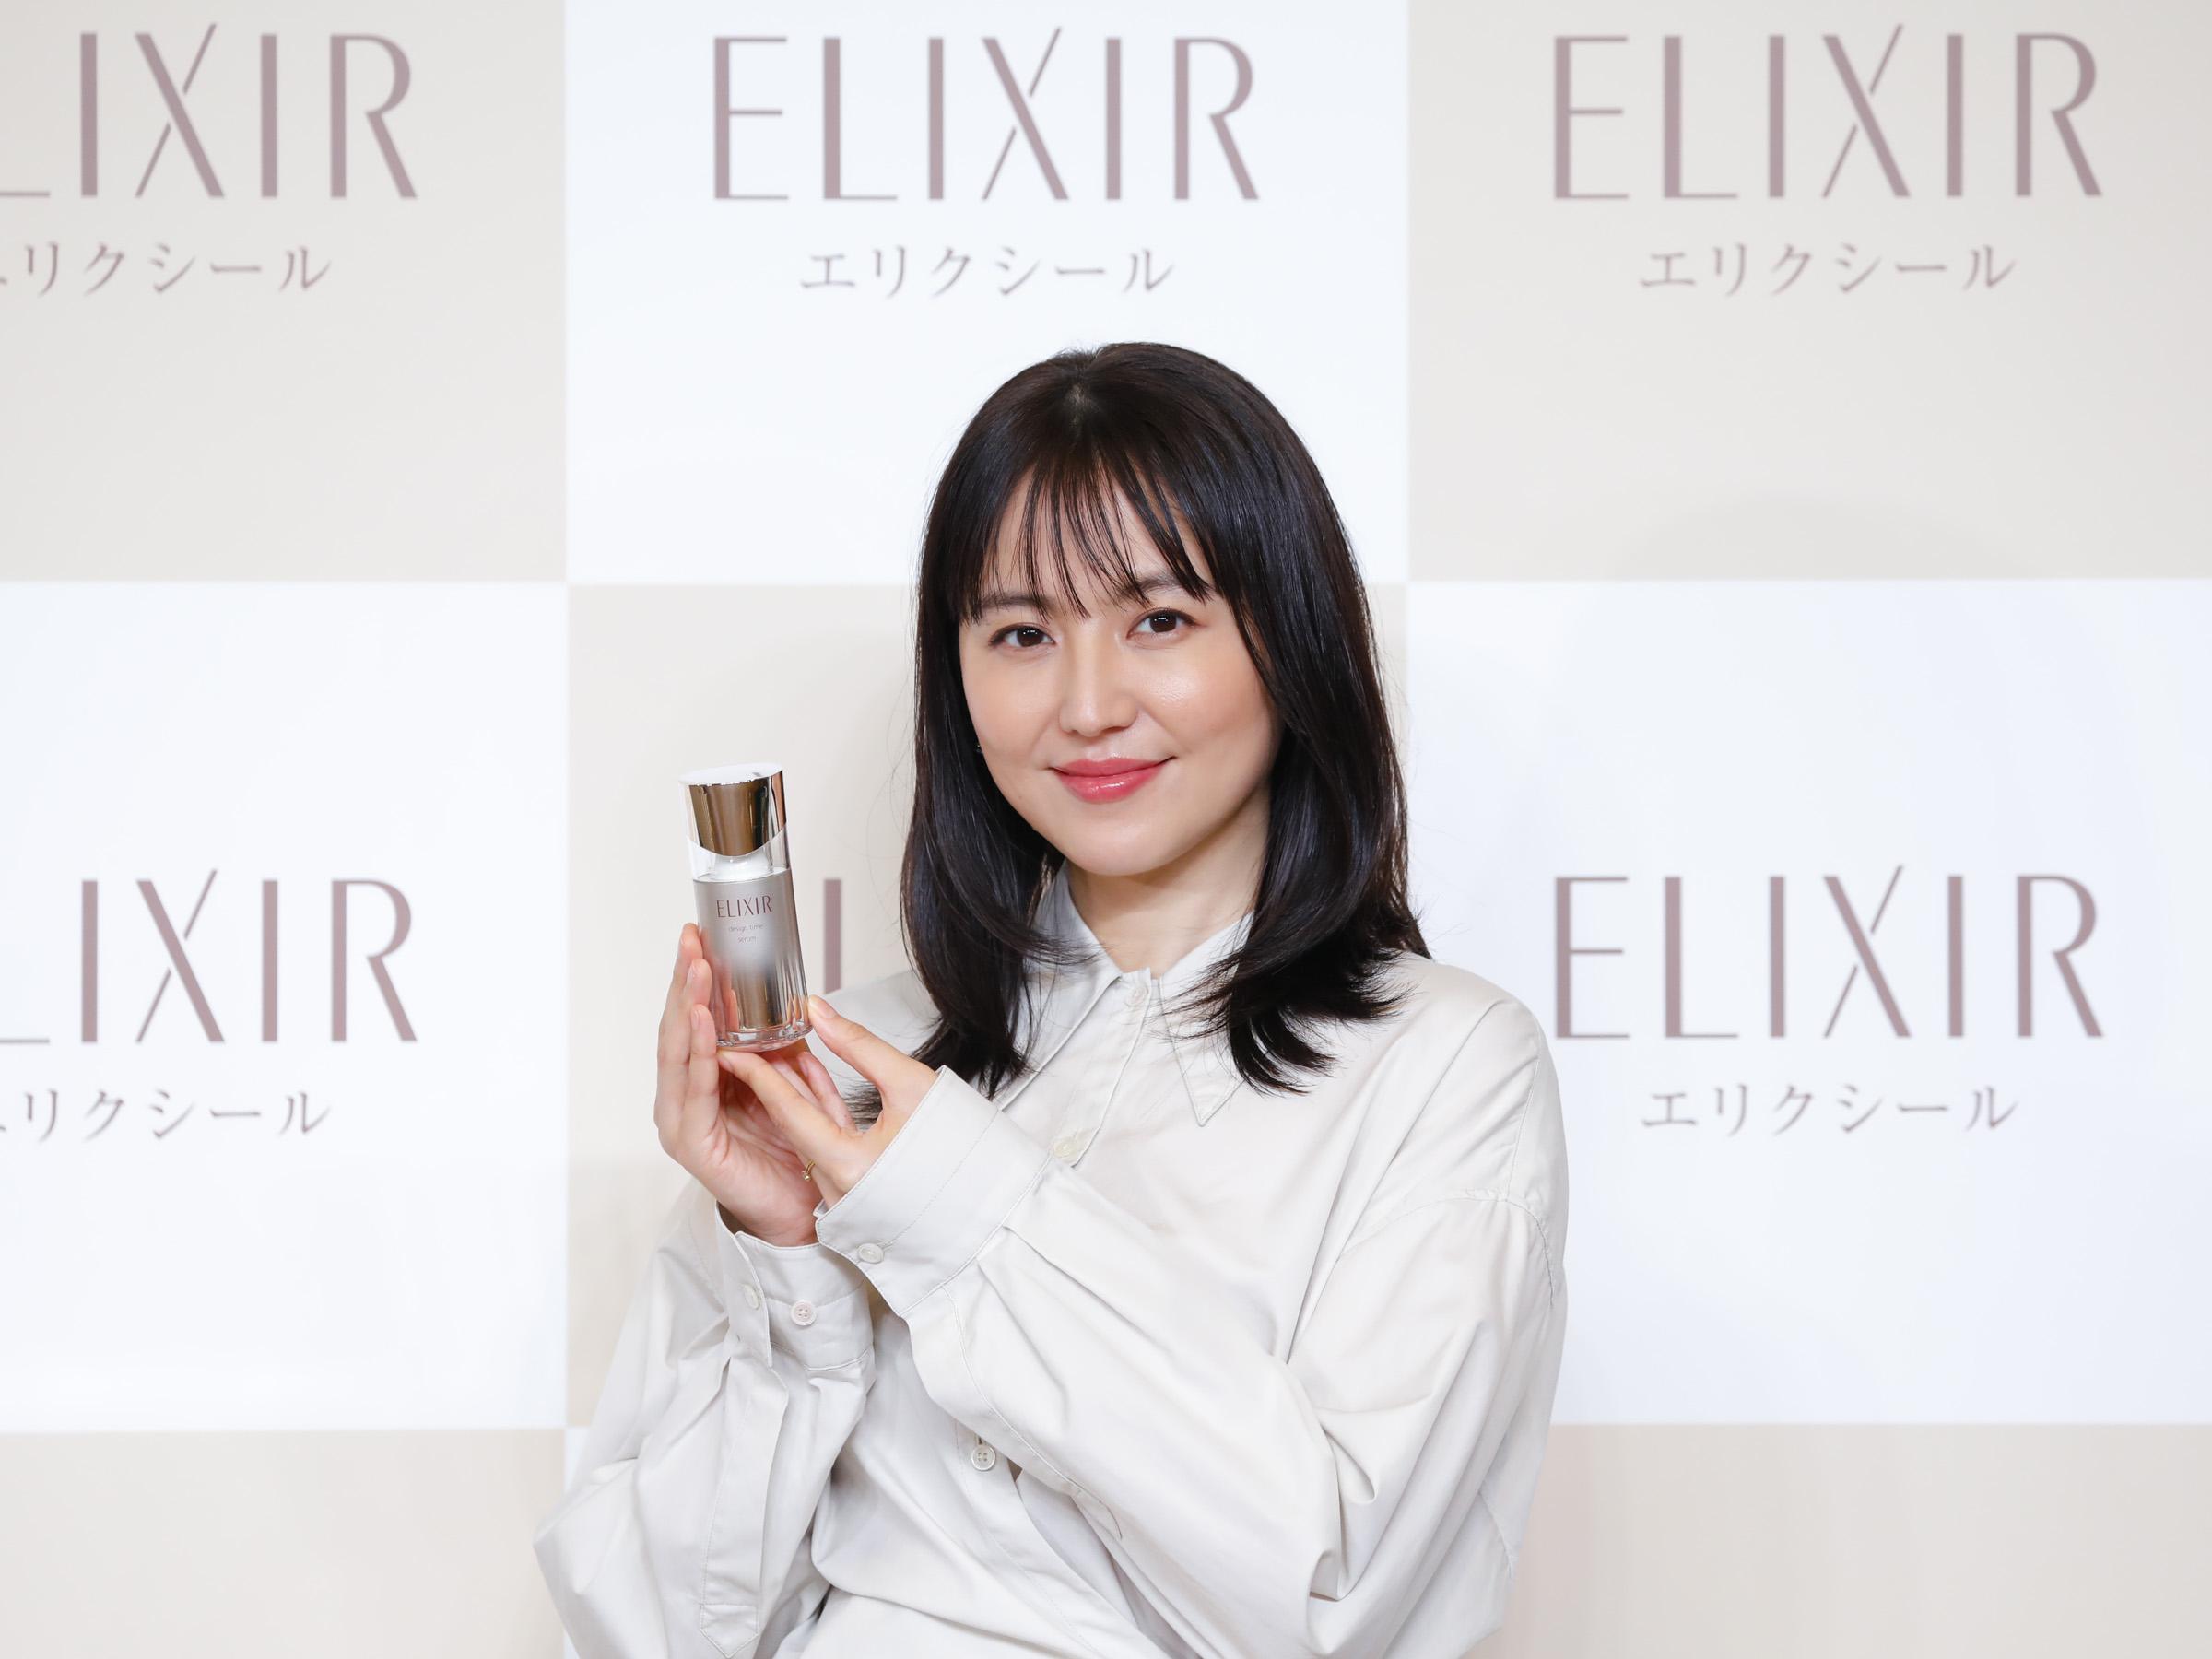 長澤まさみ/エリクシールの新ミューズ発表会にて(2020年8月20日)